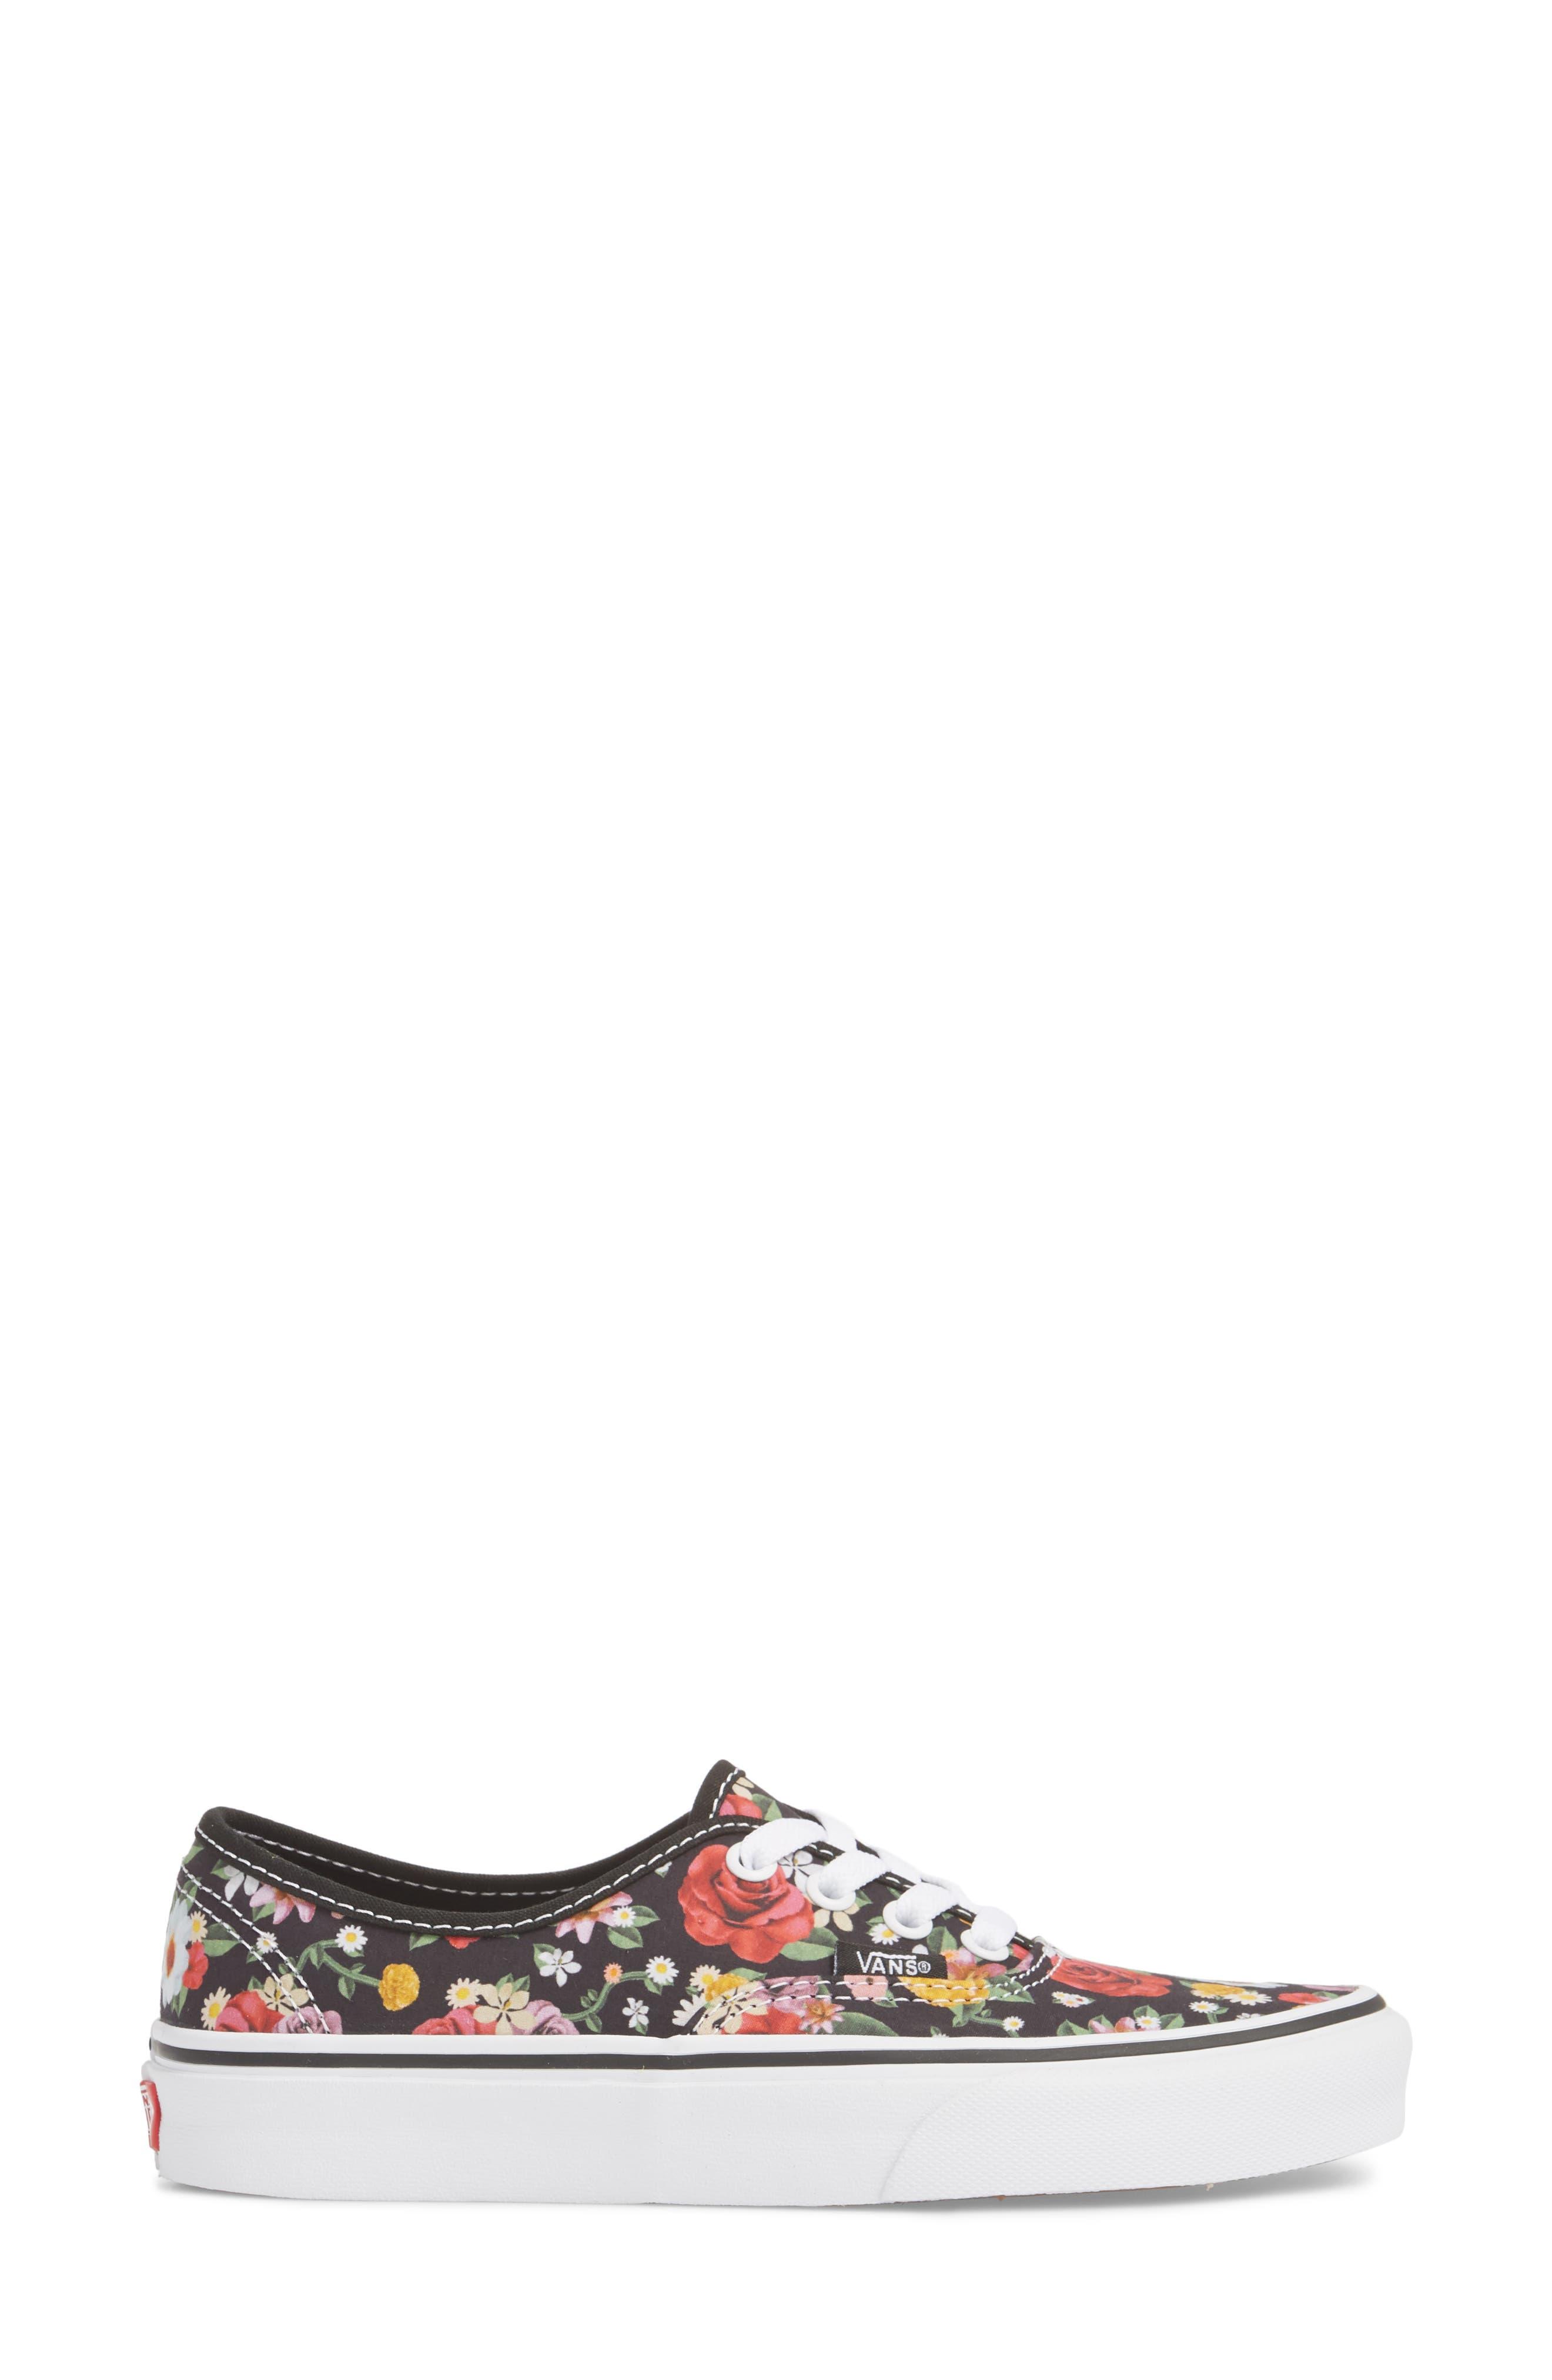 UA Authentic Lux Floral Sneaker,                             Alternate thumbnail 3, color,                             DIGI FLORAL/ BLACK